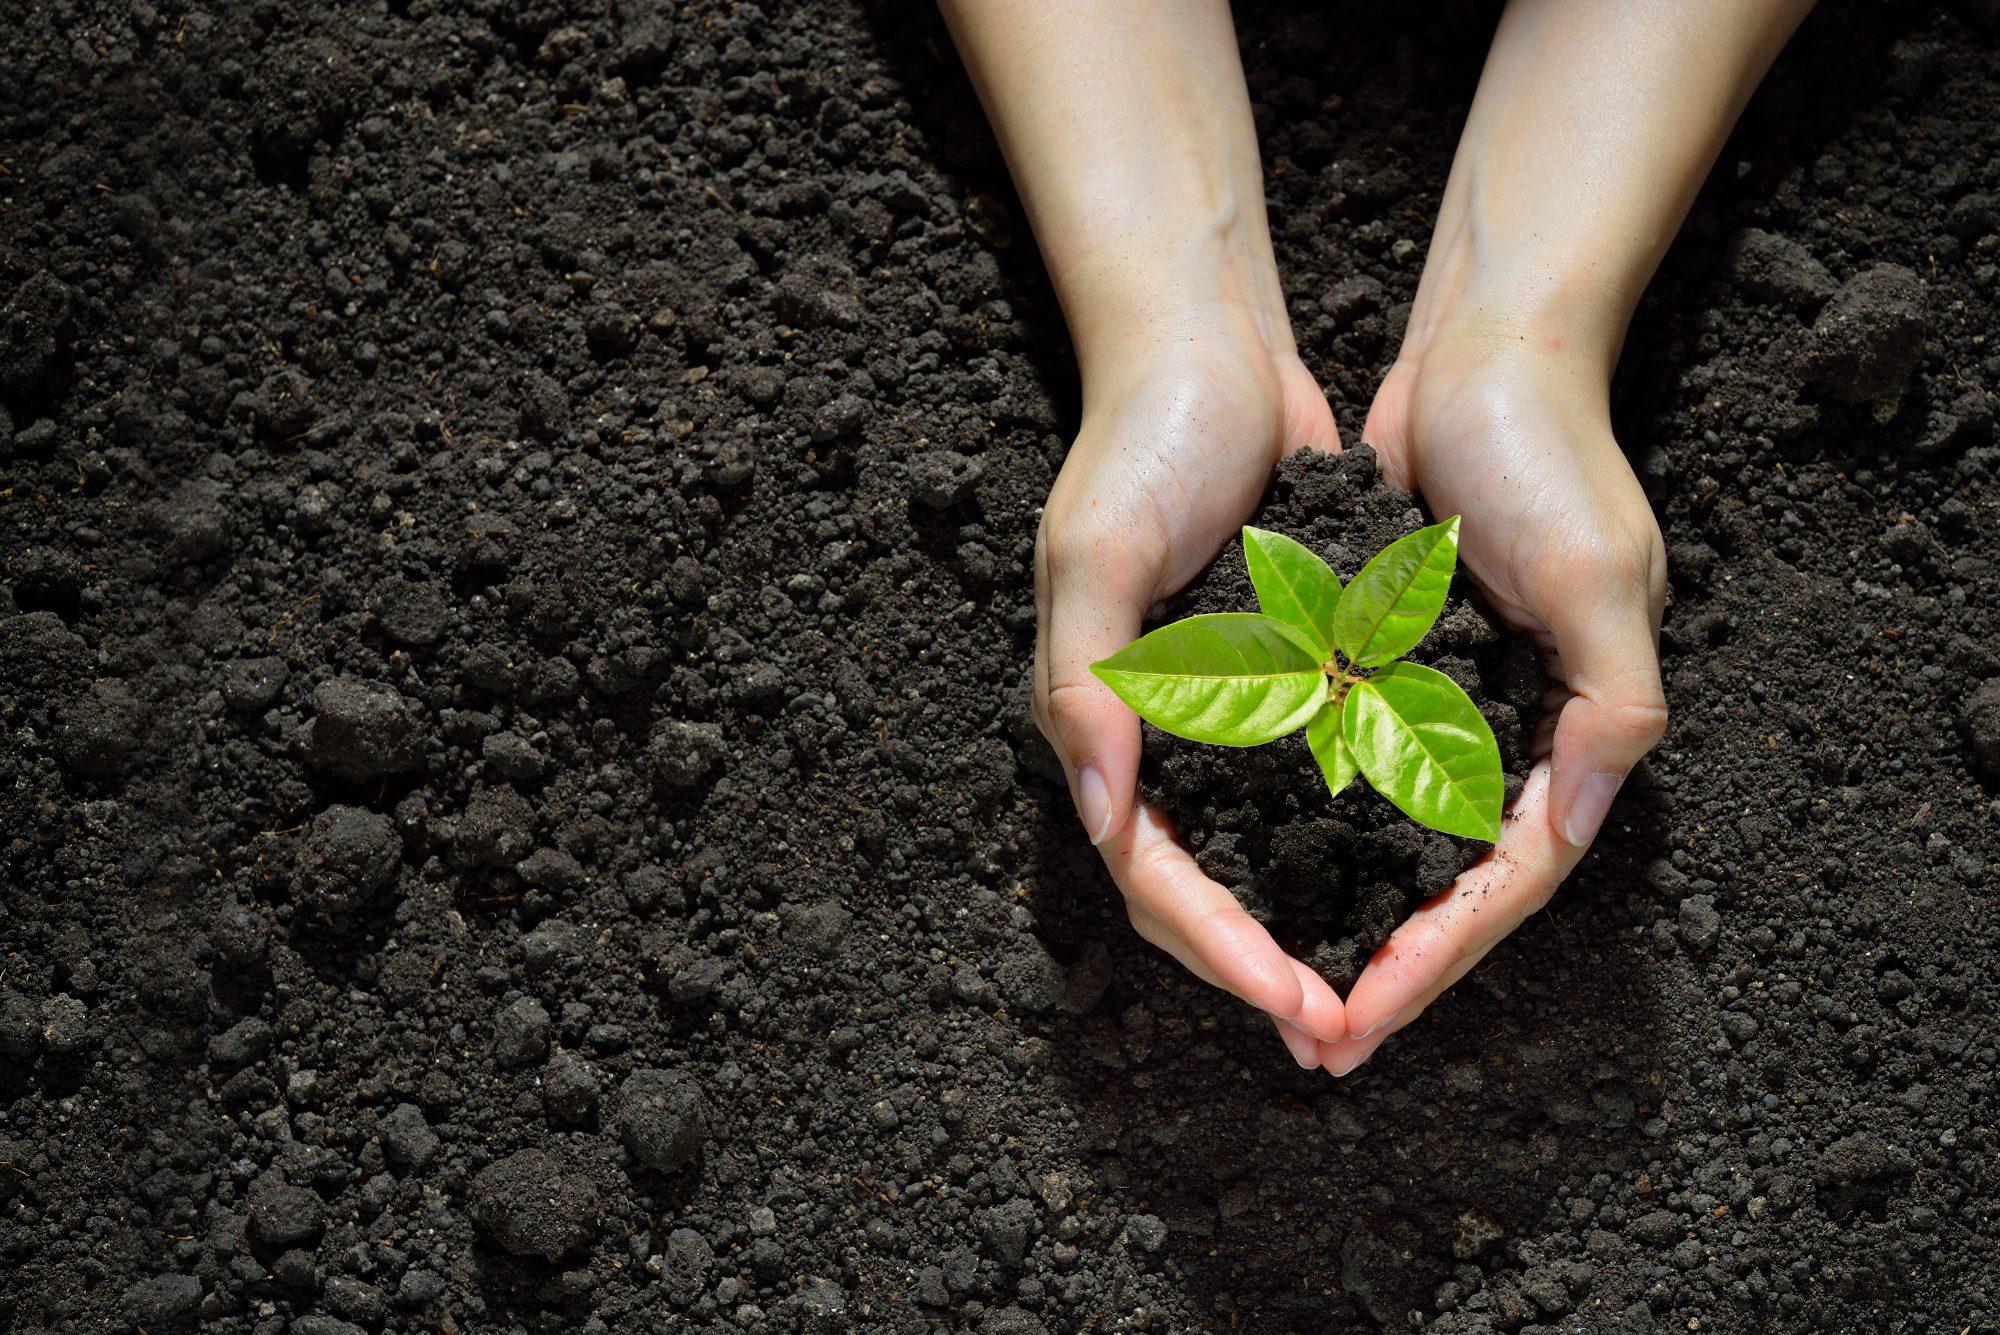 Laudato si', comunità in tutto il mondo  per diffondere il messaggio ecologista di papa Francesco